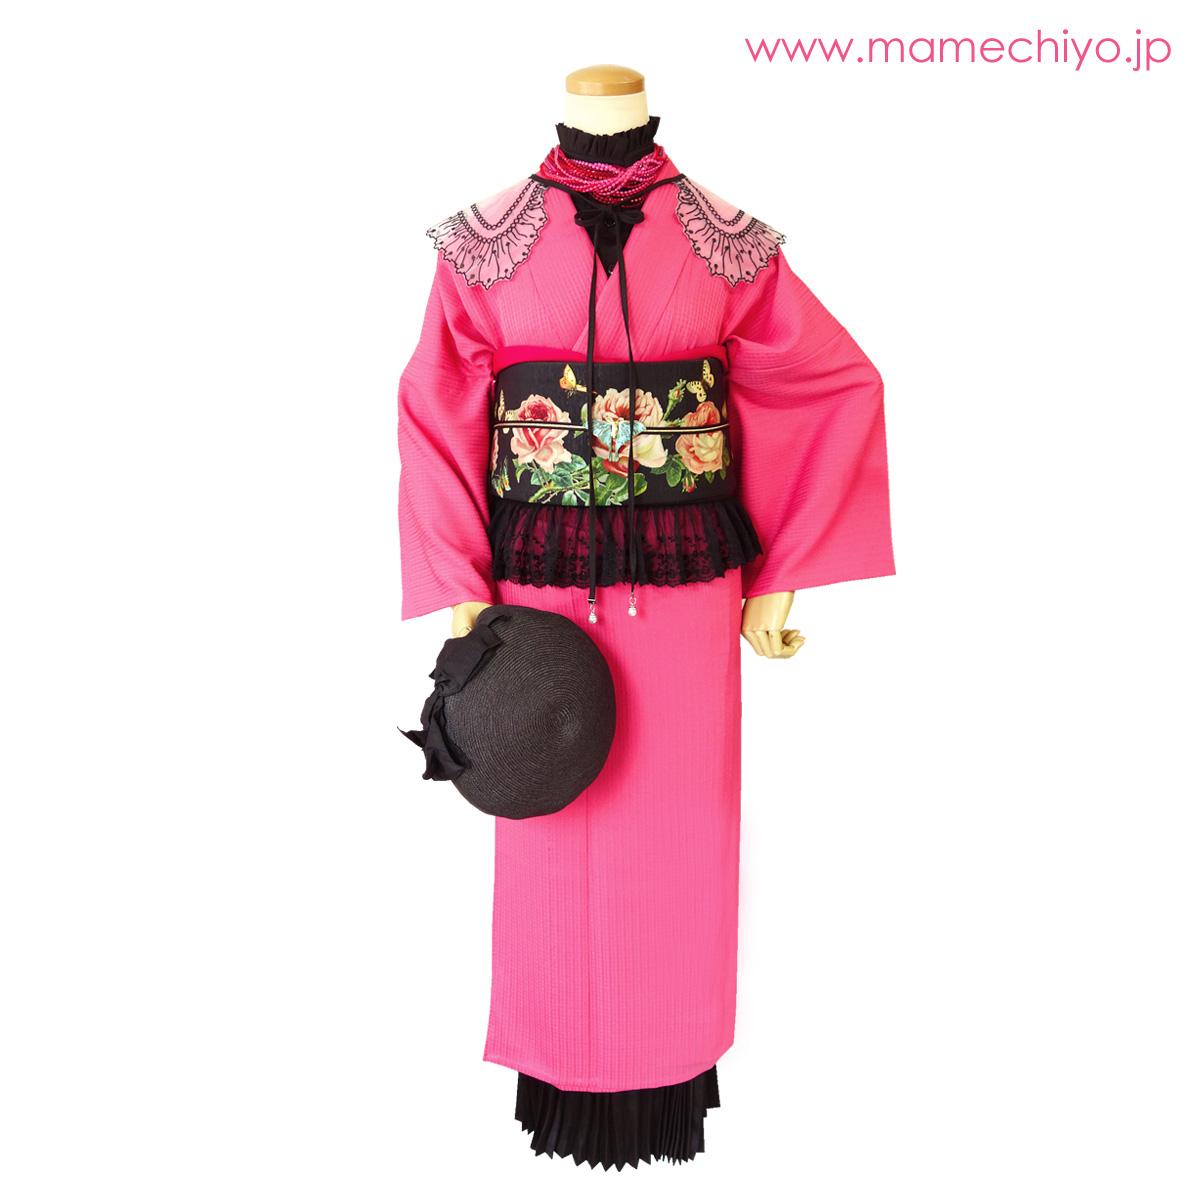 単衣着物 puzzle ピンク Mサイズのみ【店頭在庫】